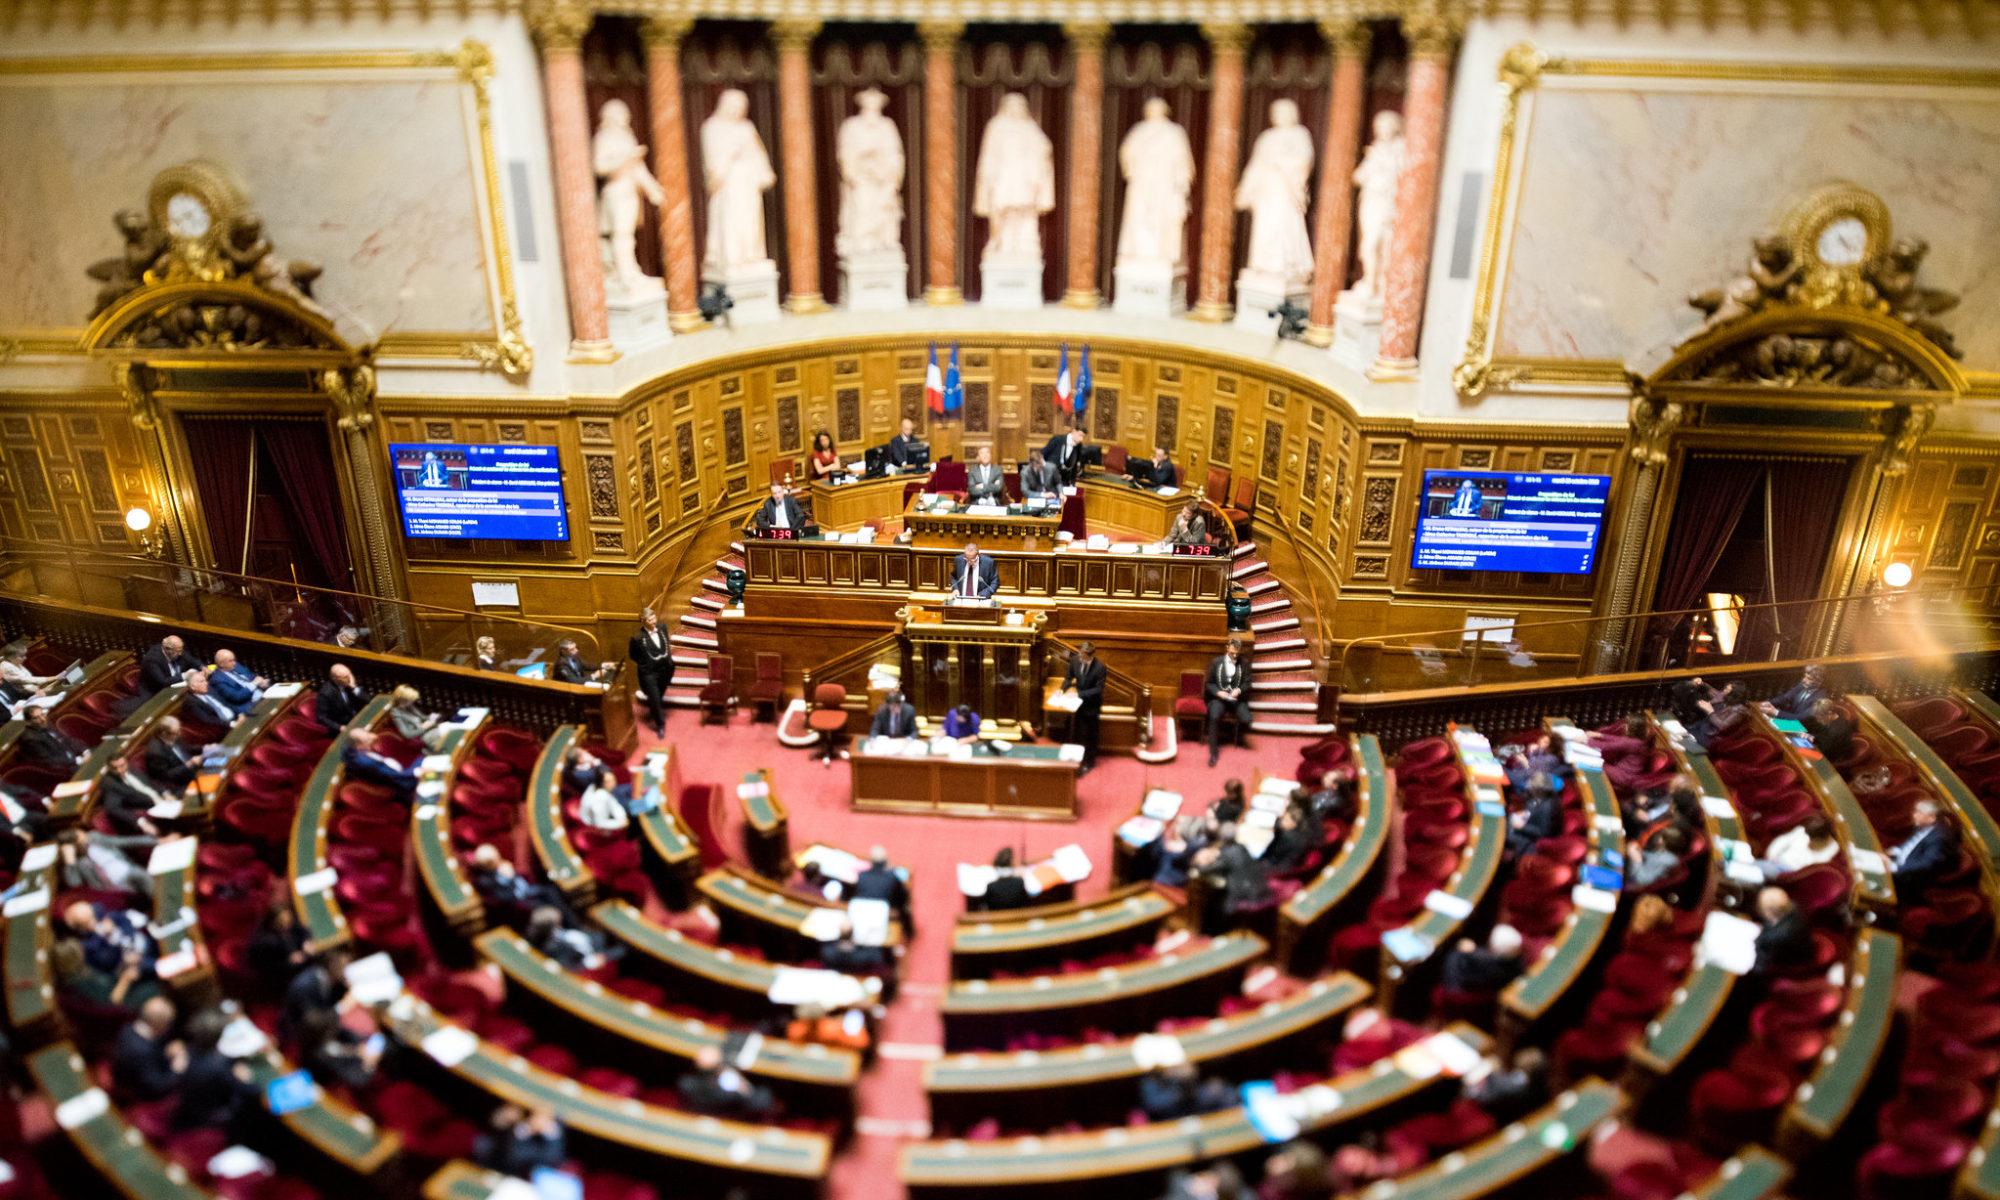 Sénat CC-by par Jacques Paquier https://flic.kr/p/2ekG3Ch